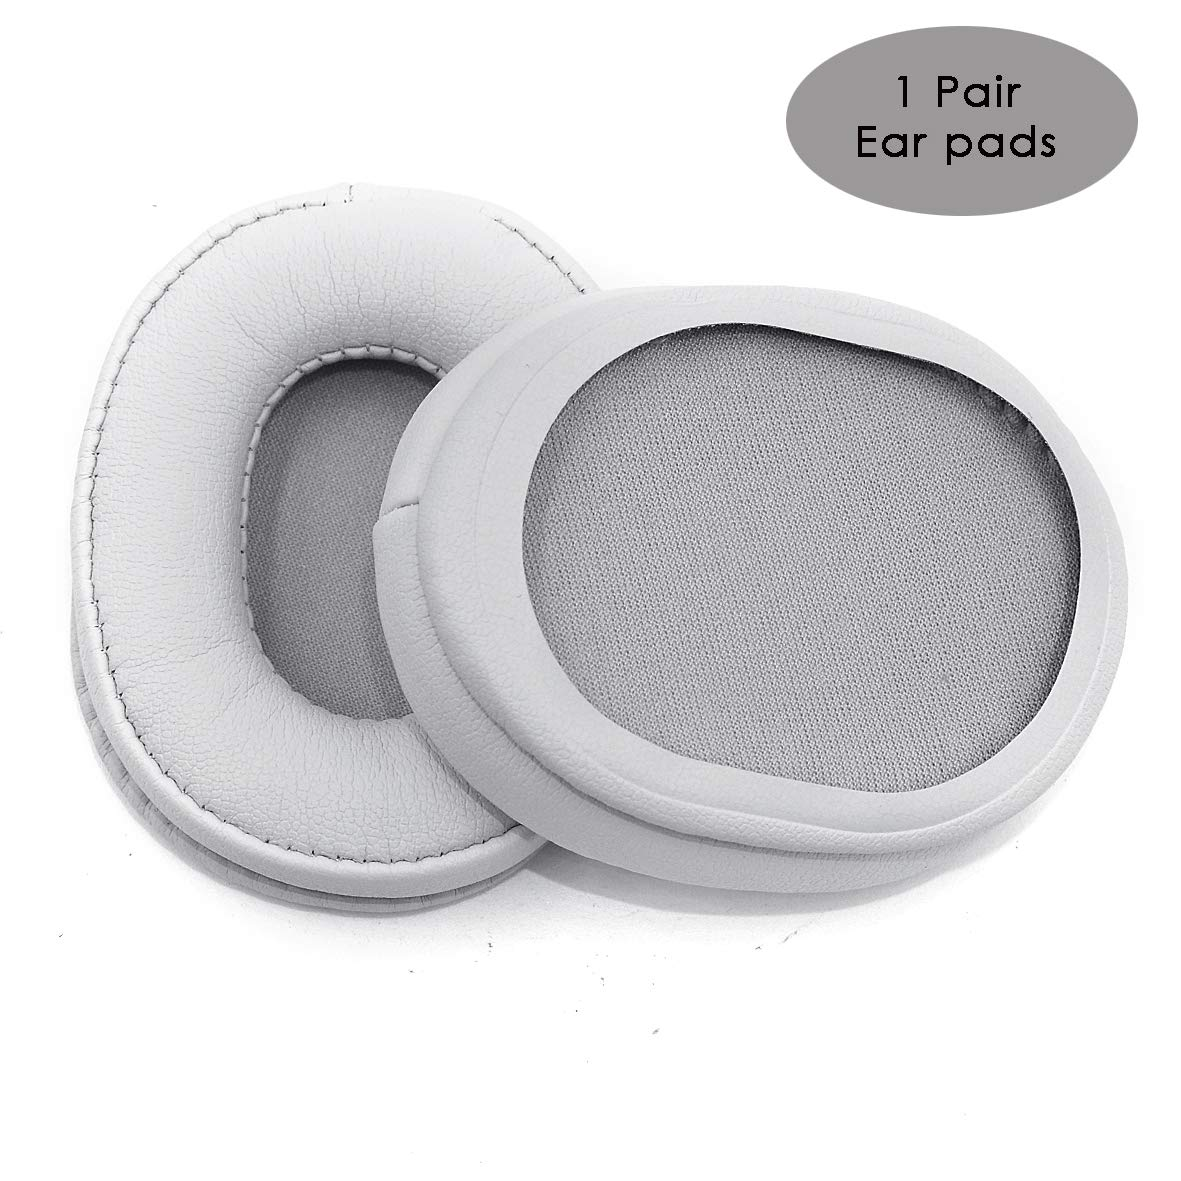 Amazon.com: Almohadillas de repuesto para auriculares Audio ...